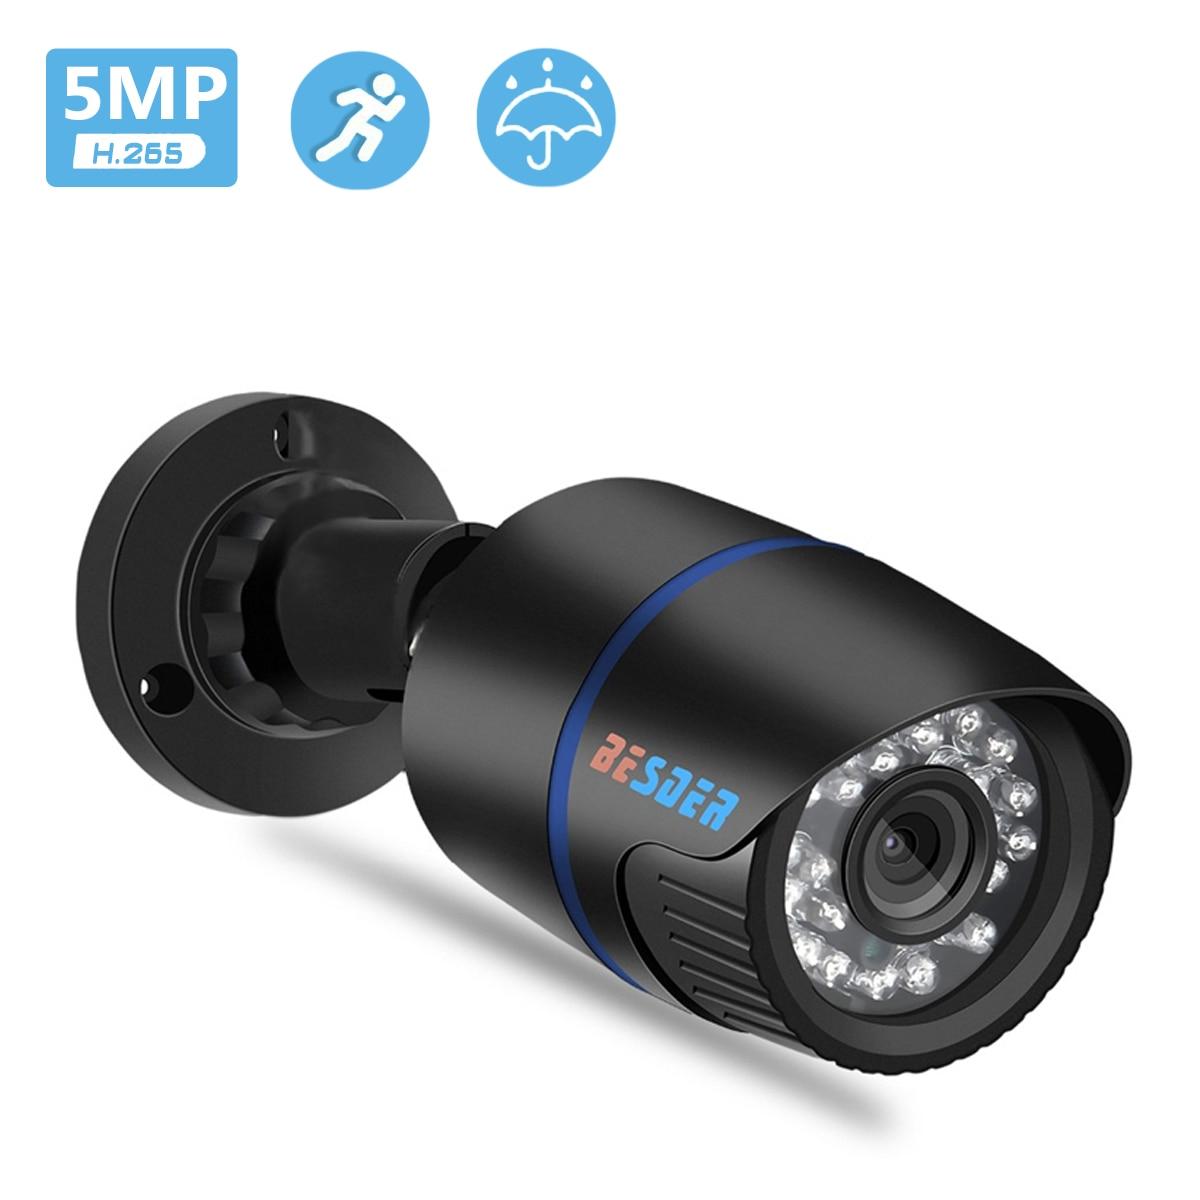 Besder 5mp 3mp hd 2.8mm de largura ip câmera 1080p e-mail alerta xmeye onvif p2p detecção movimento rtsp 48v poe vigilância cctv ao ar livre